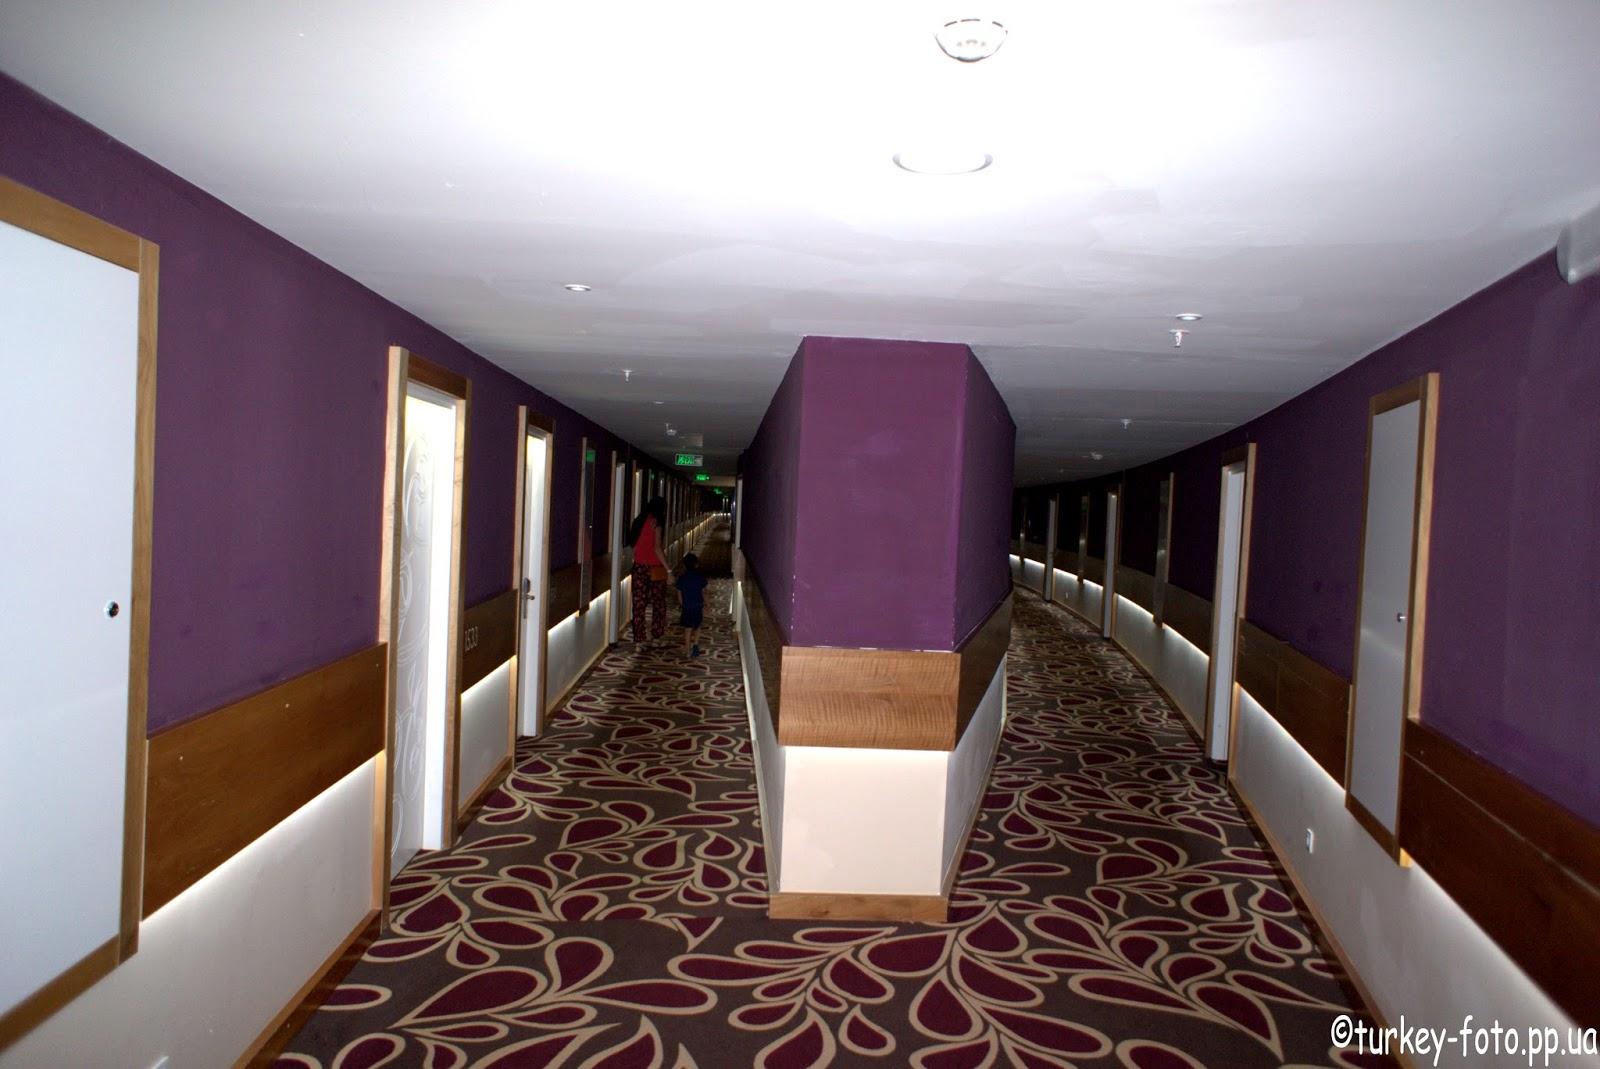 Турция Алания отель Викинг 5 отзывы фото